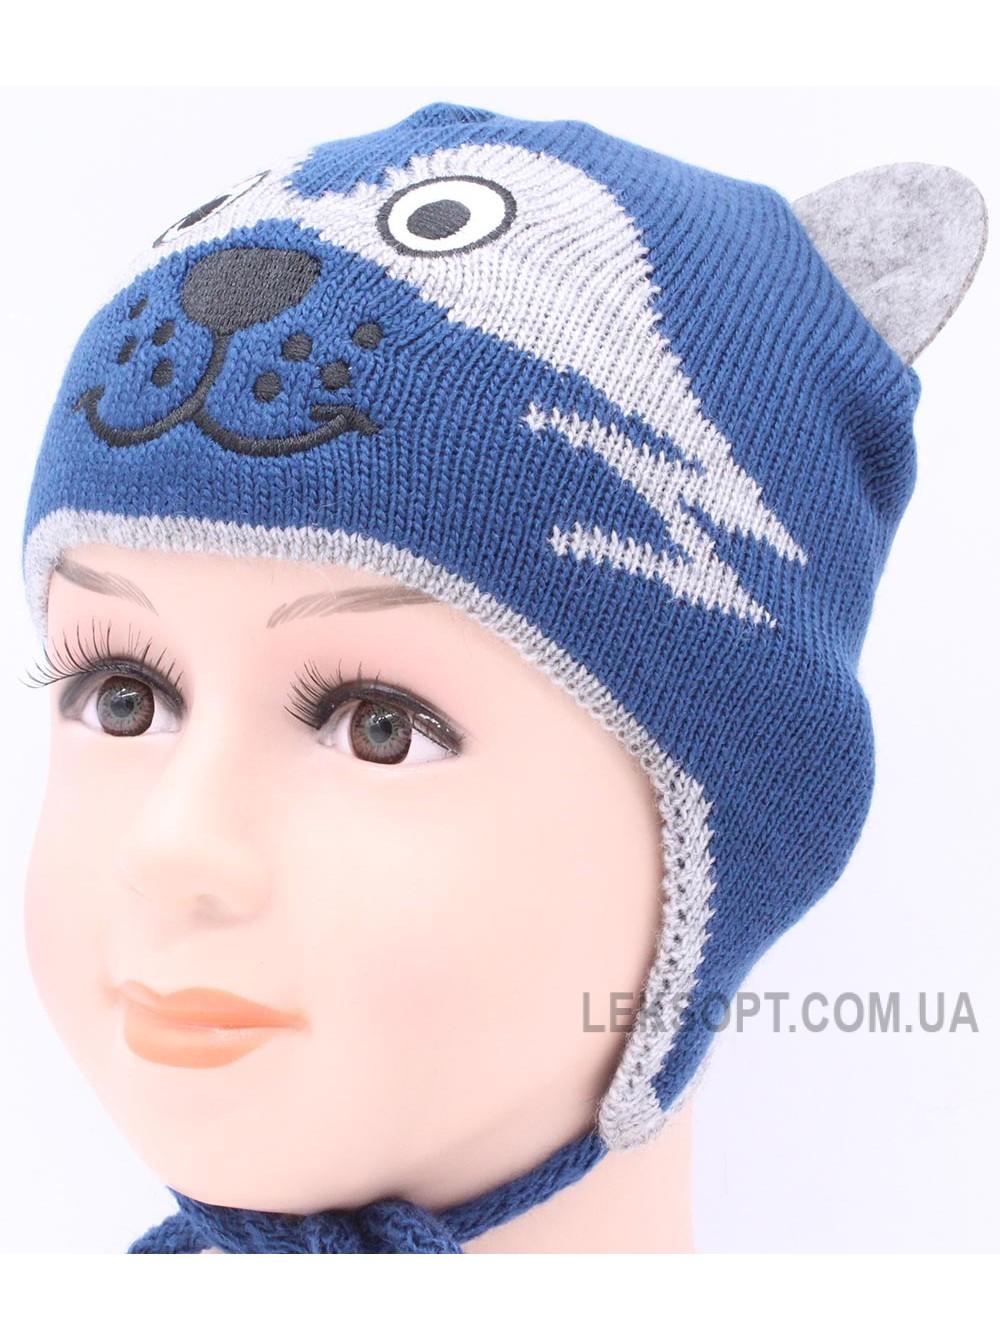 Детская вязаная шапка Енот D54030-42-46